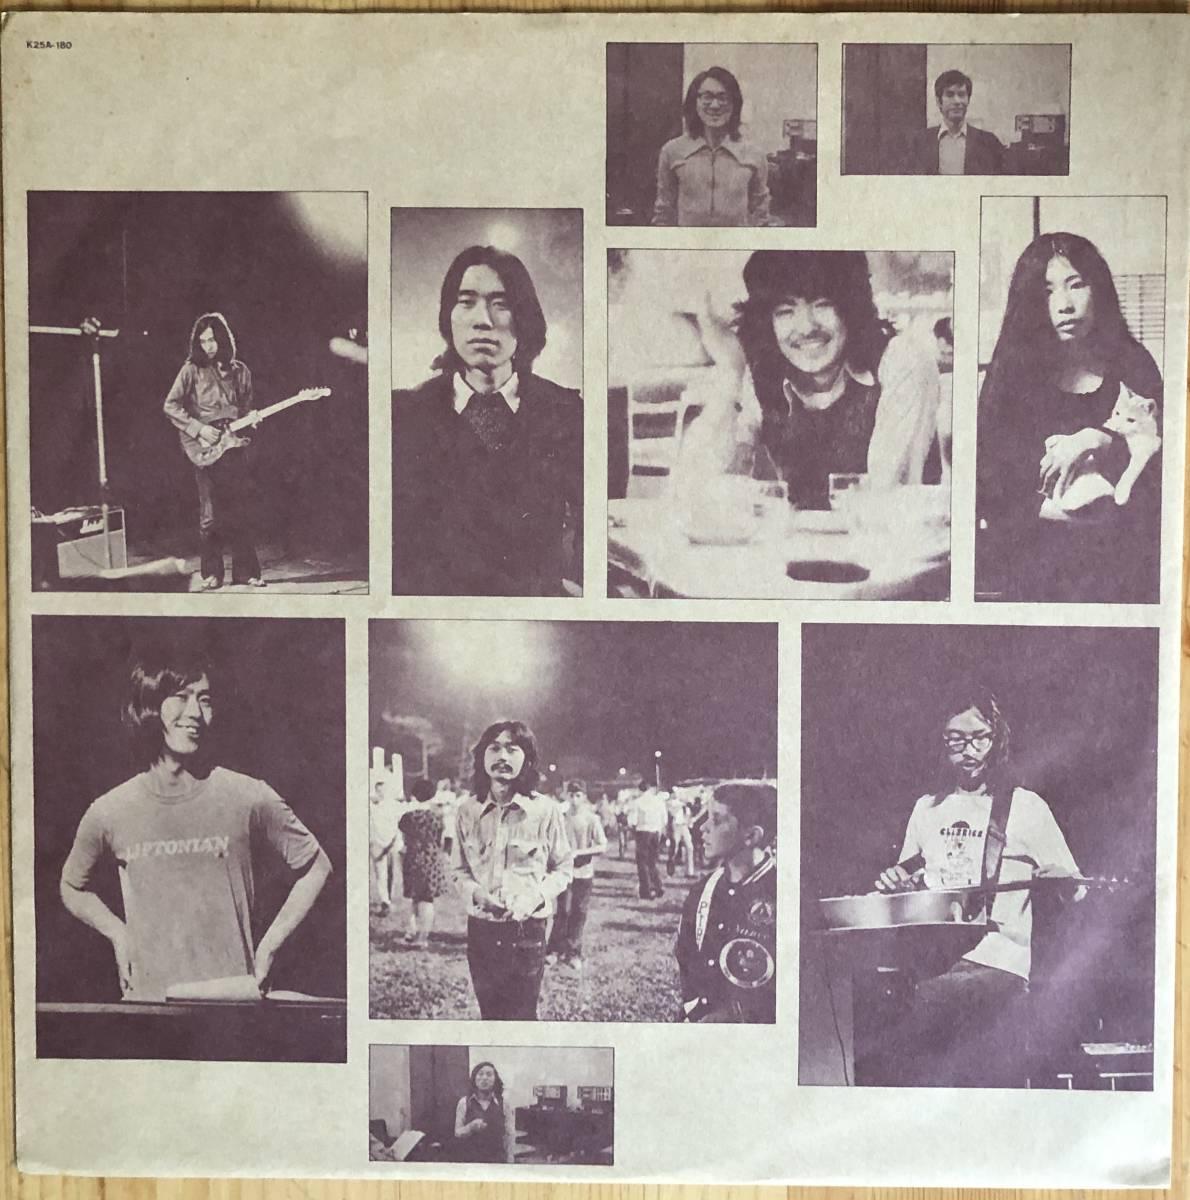 大瀧詠一 ファースト アルバム LP レコード 和モノ ライトメロウ K25A-180 大滝詠一_画像3